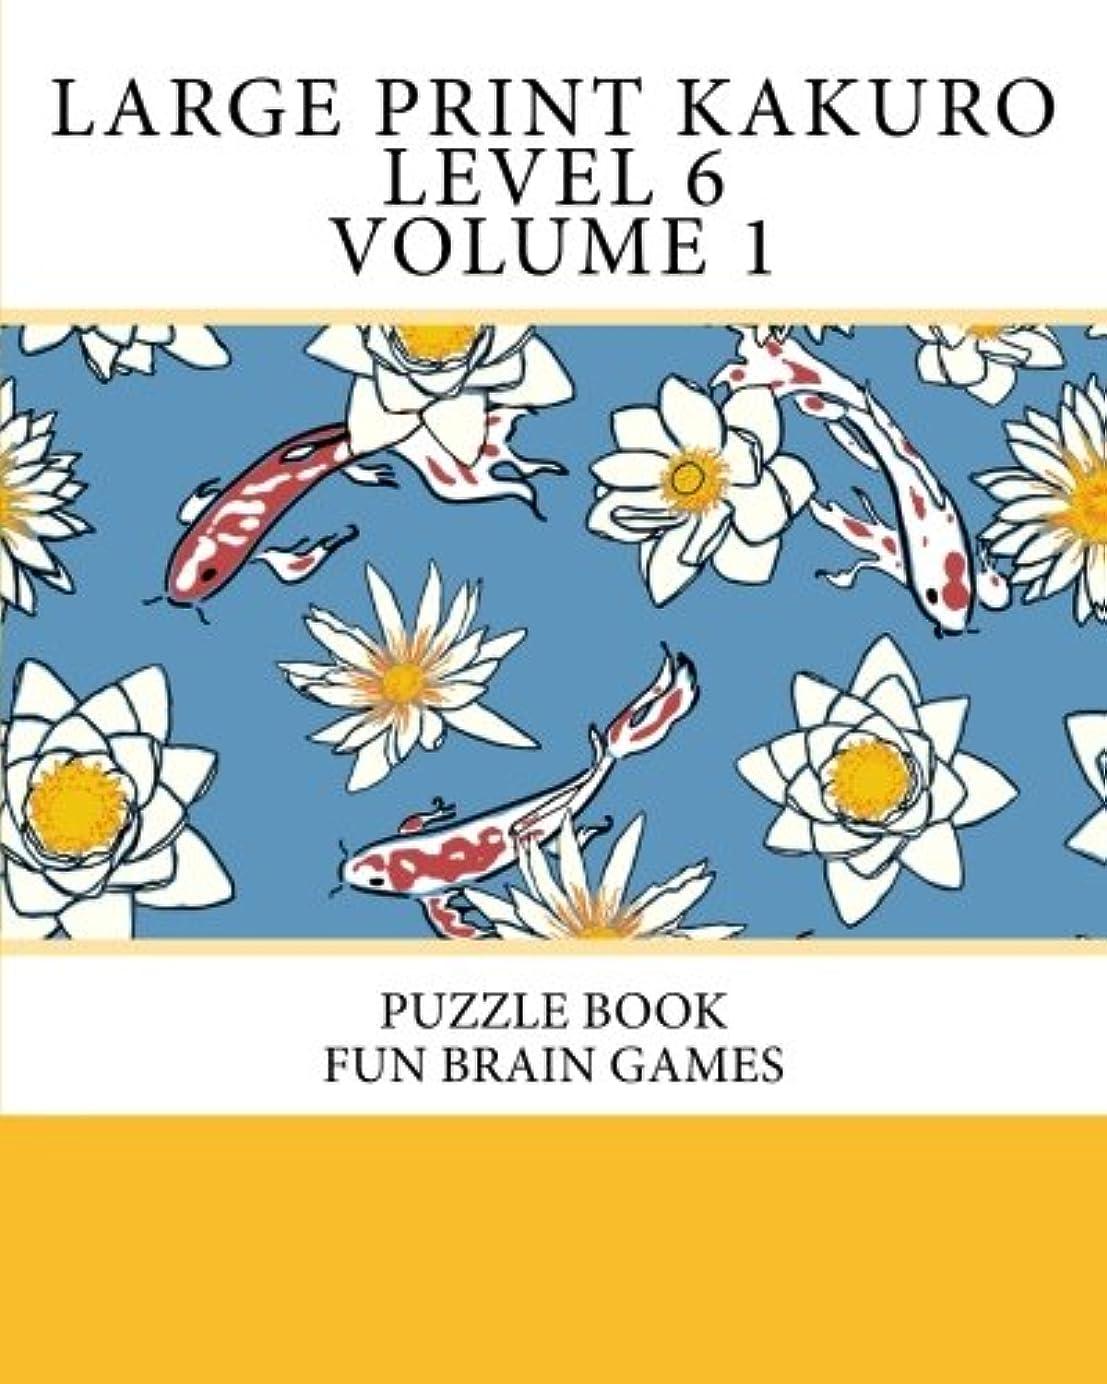 習熟度知る辞任するLarge Print Kakuro Level 6 Volume 1: Puzzle Book Fun Brain Games (Jumbo Print Kakuro Level 6)